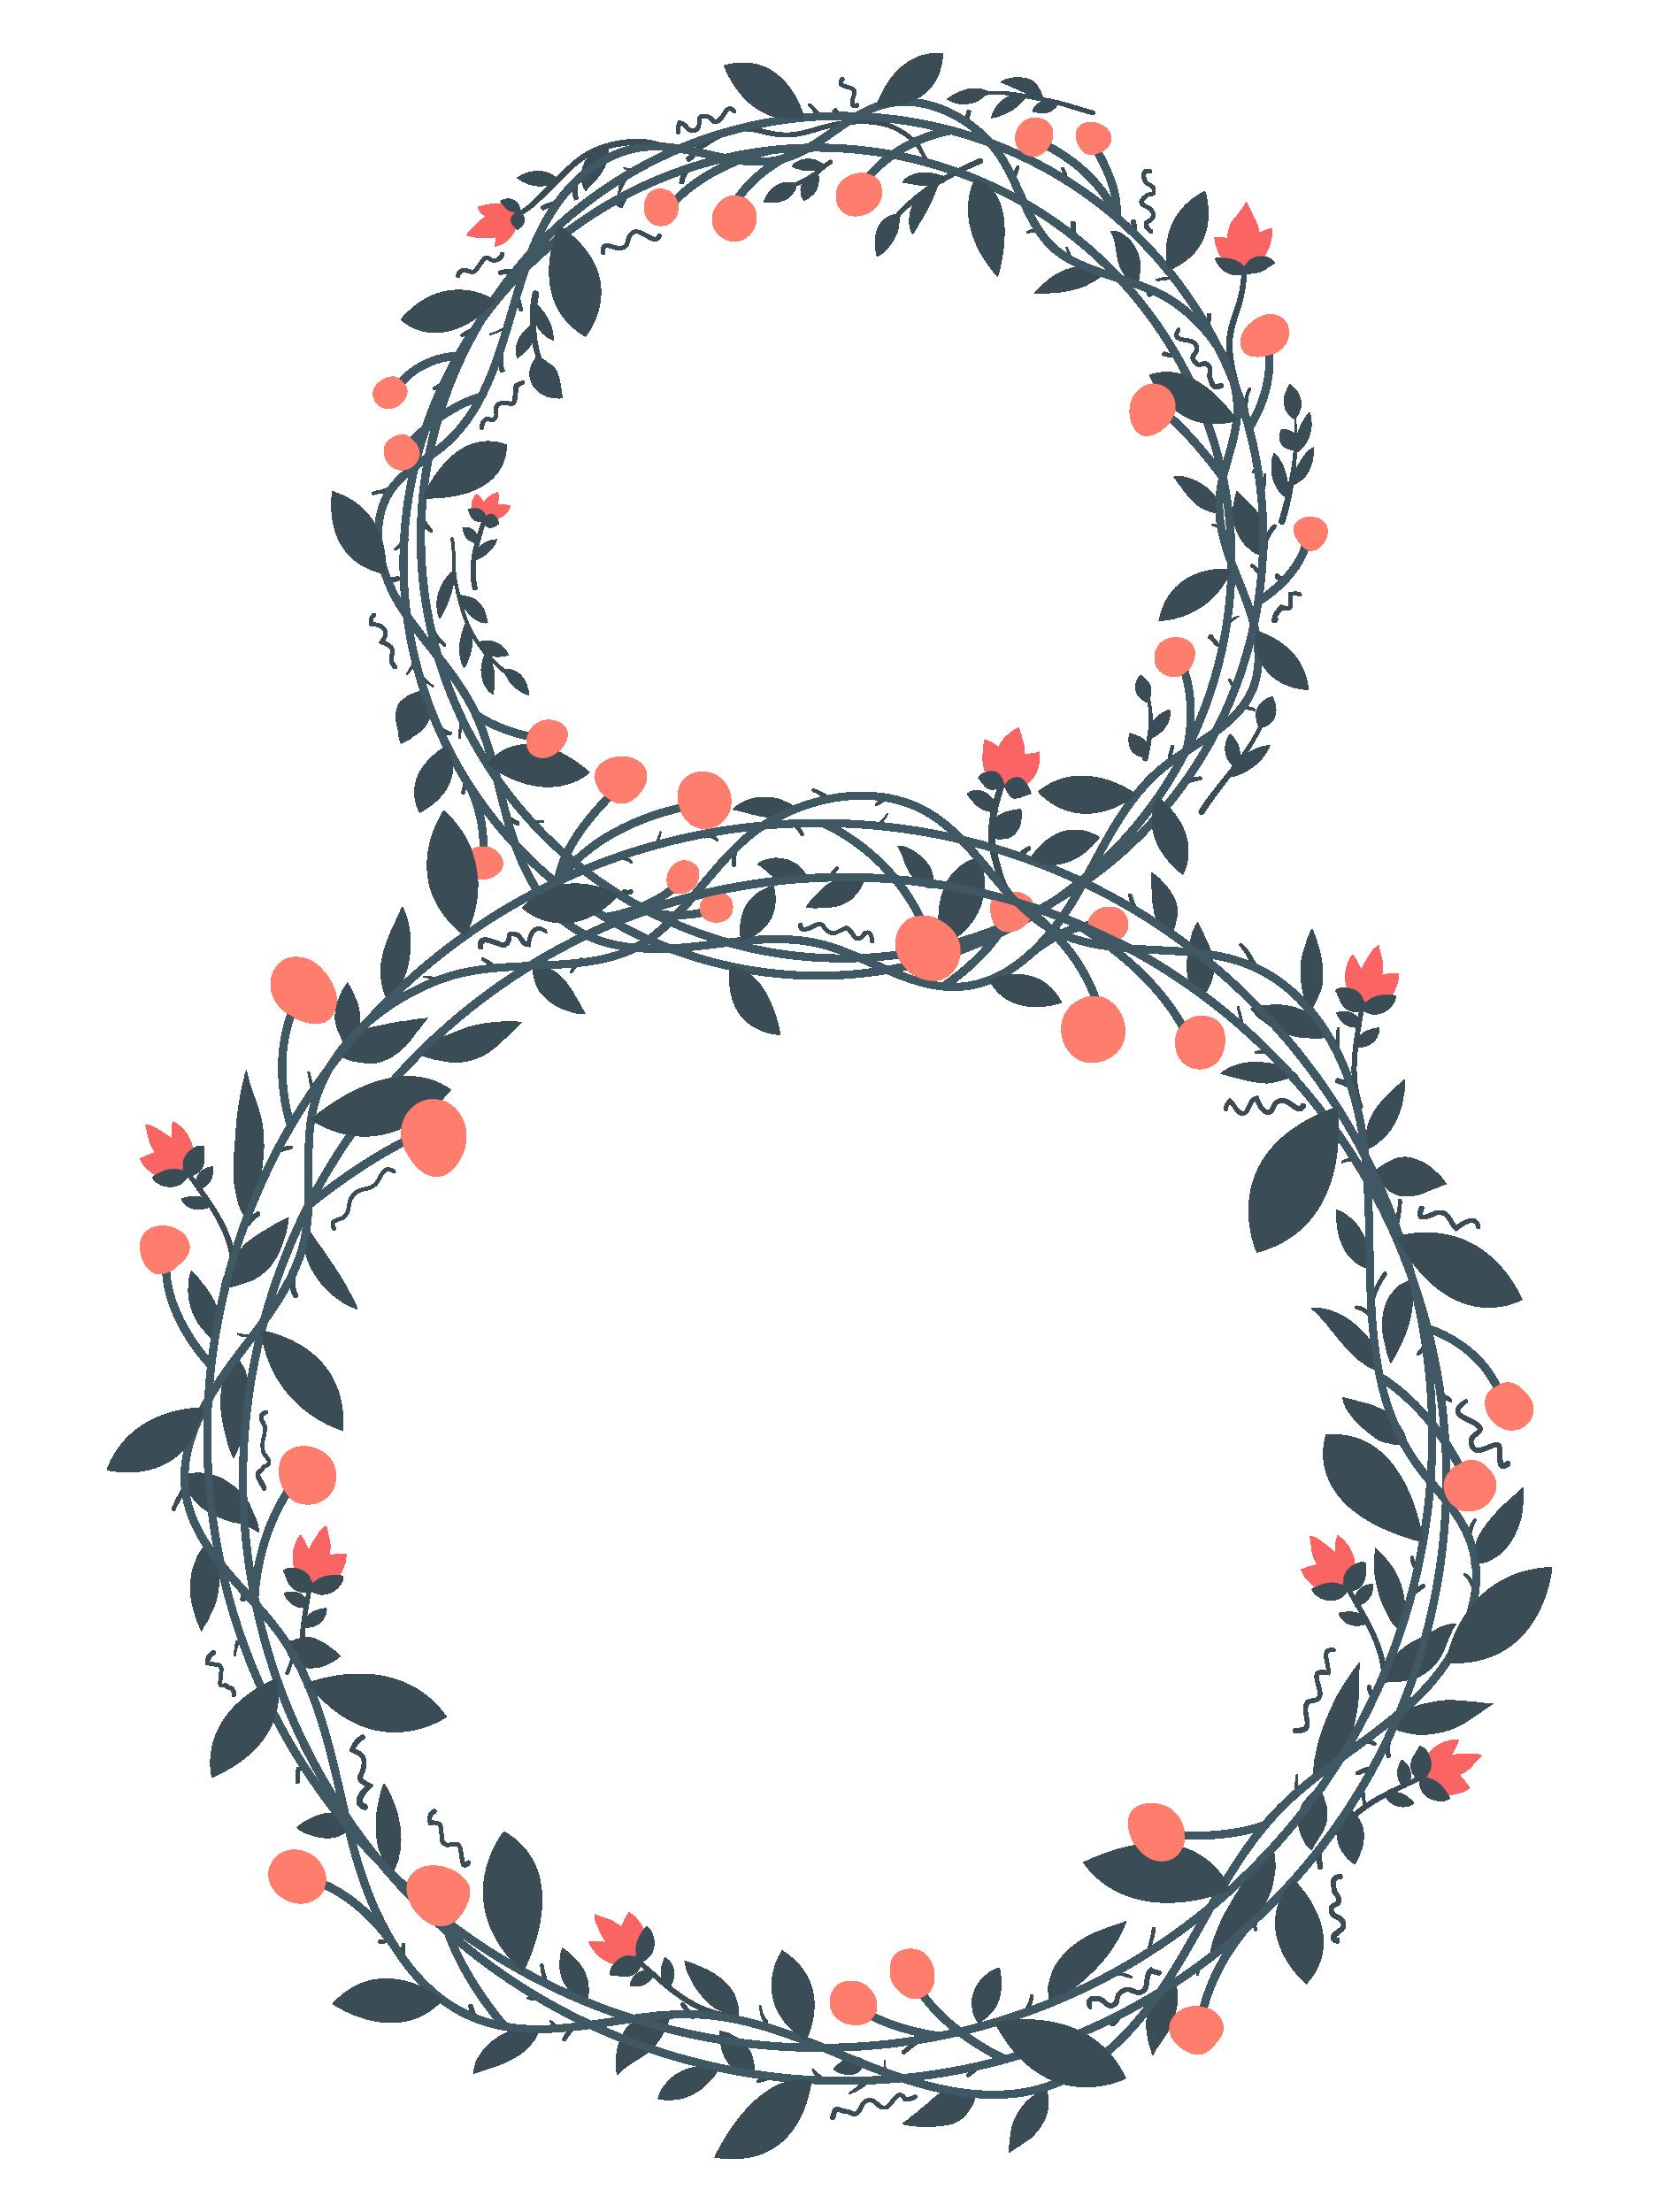 Плетеная цифра восемь,8, из цветов и ягод, нарисованная